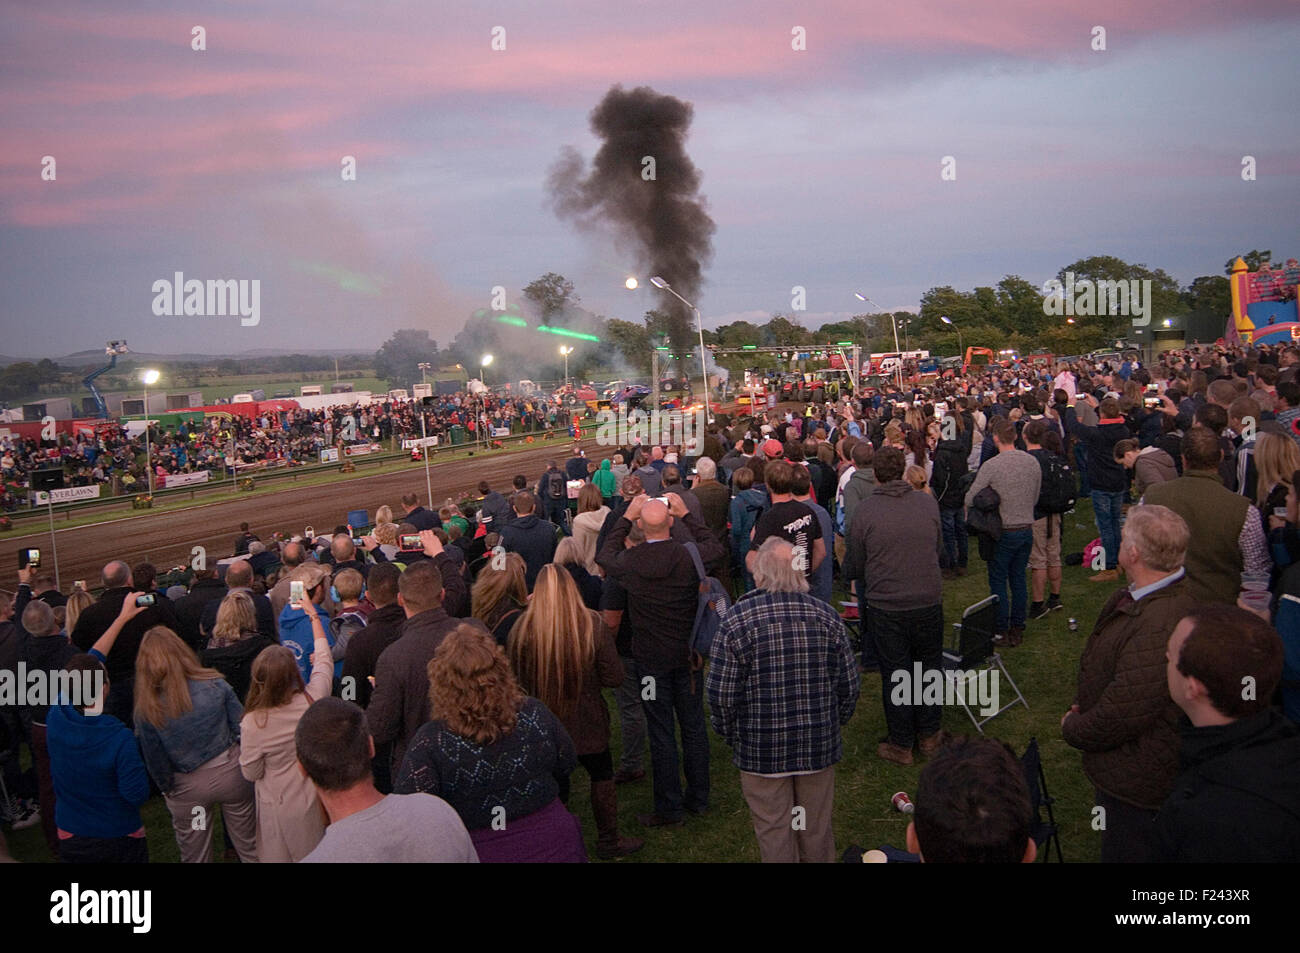 La foule lors de l'événement tire de tracteur tirant la responsabilité civile automobile motor Photo Stock